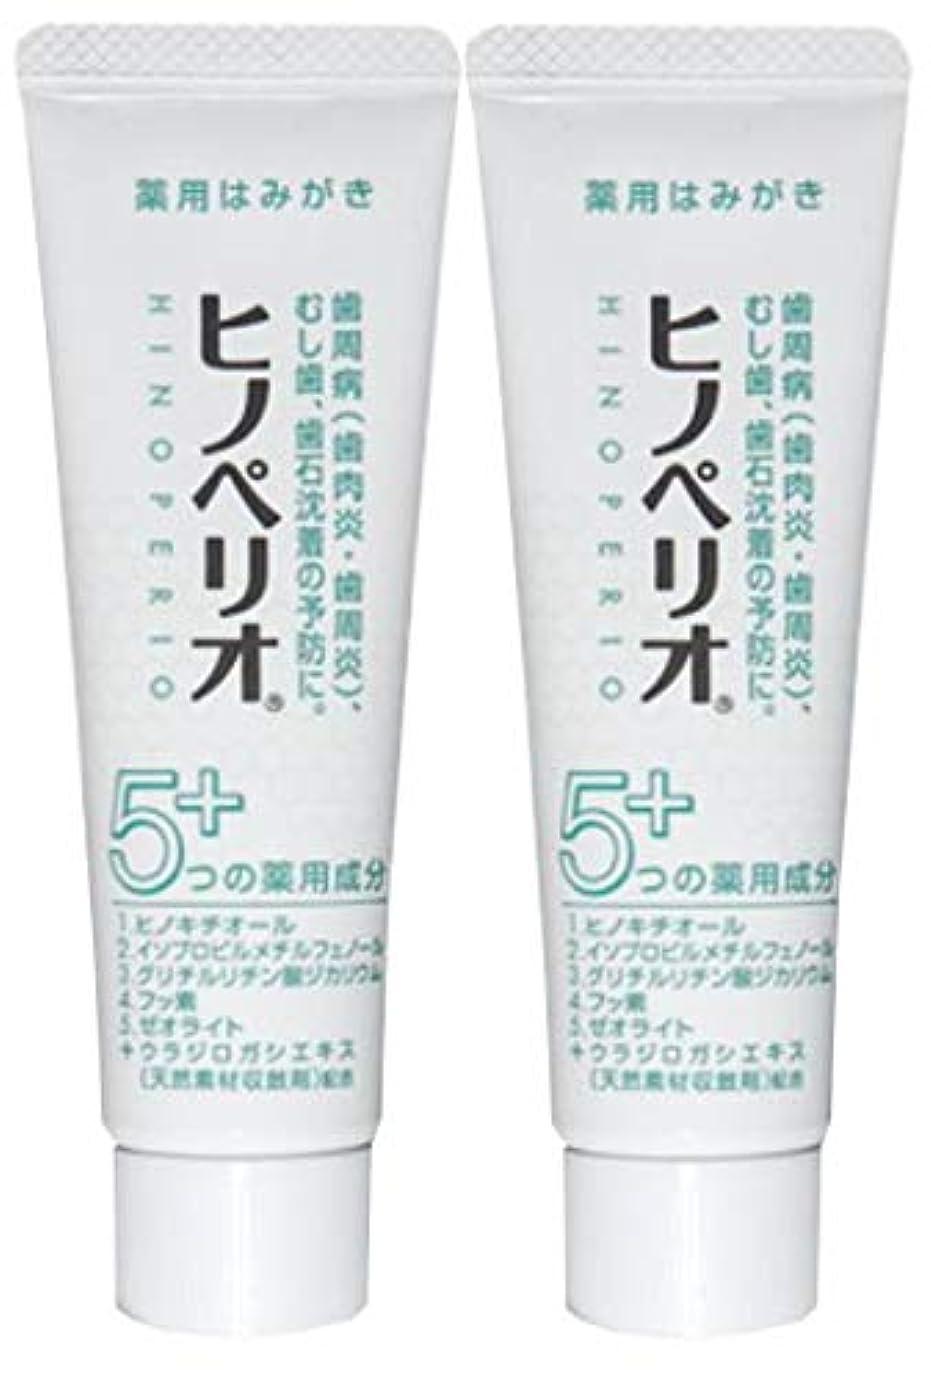 バレエ登るからかう昭和薬品 ヒノペリオ60g 医薬部外品 × 2本